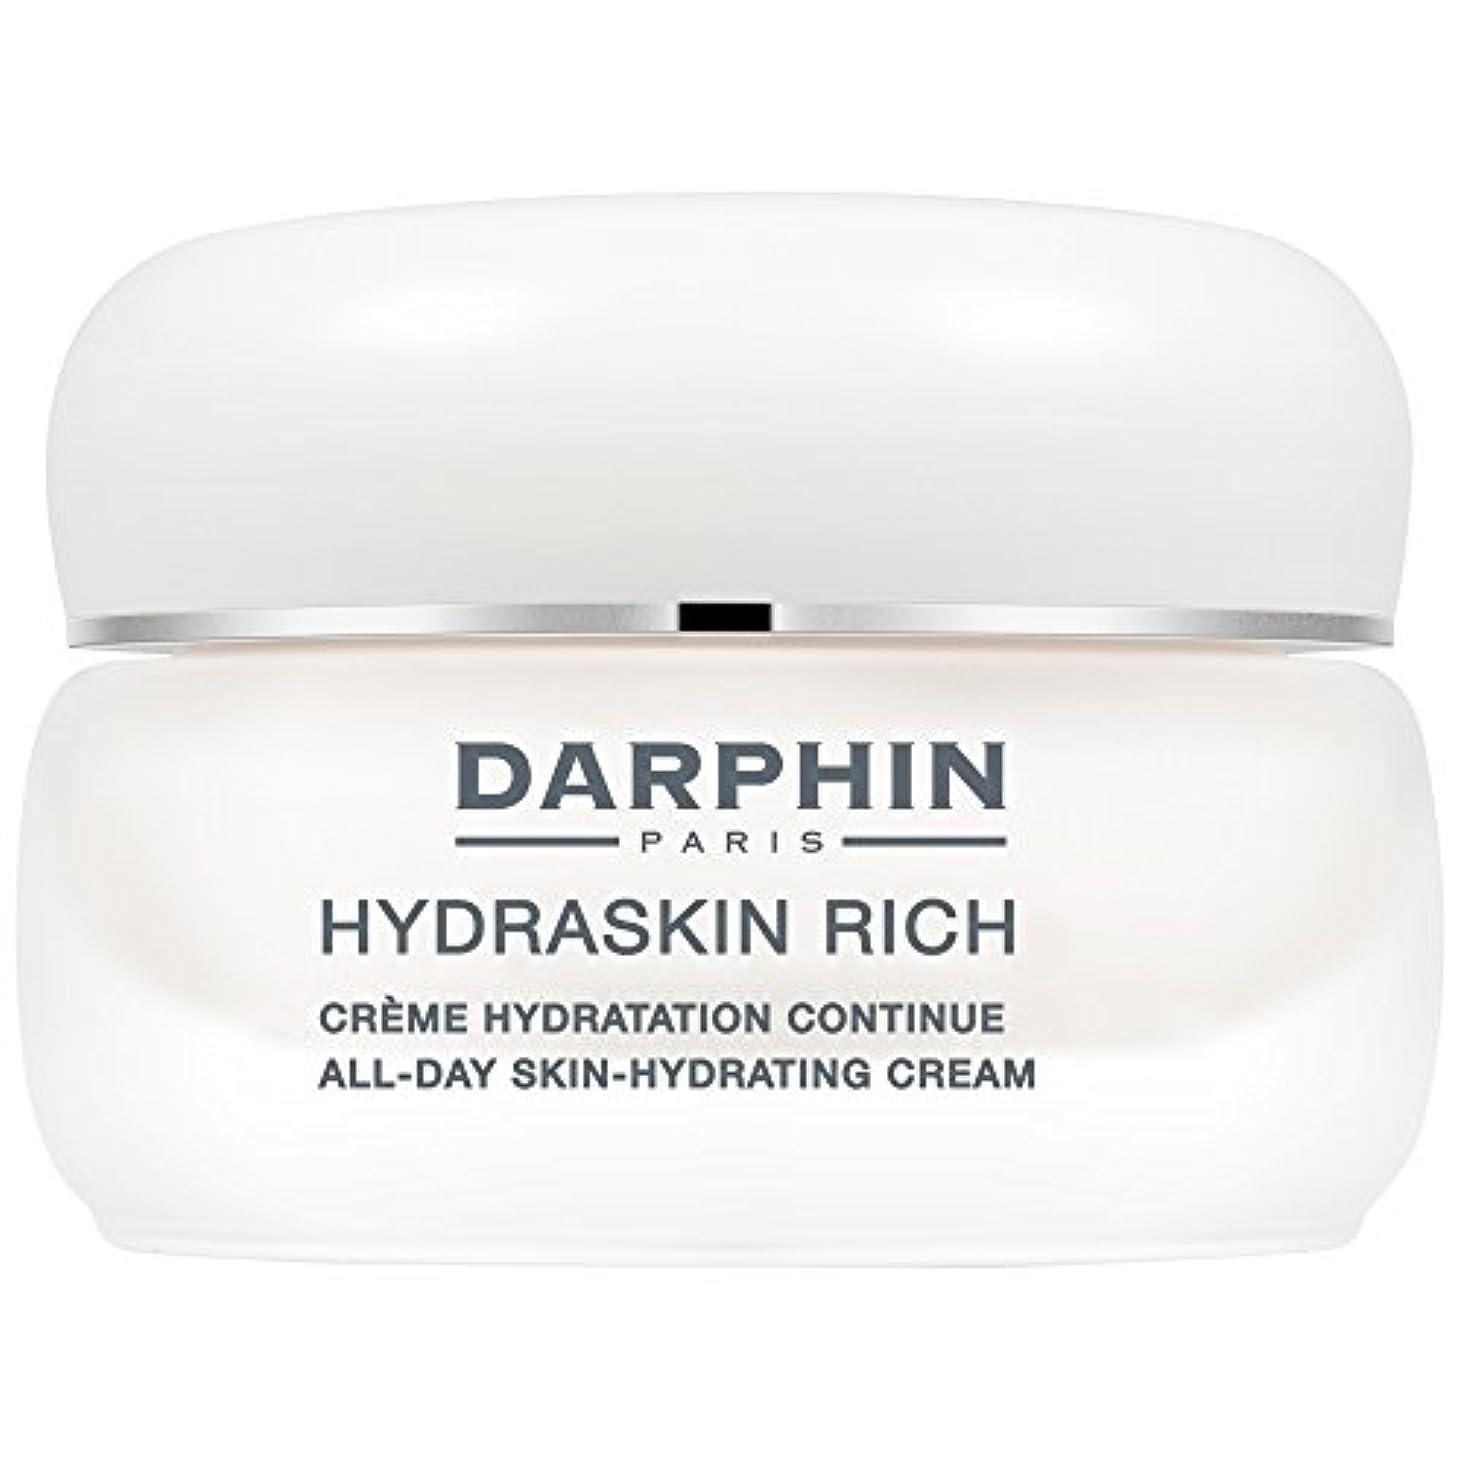 貧困飲食店ペインティングダルファンリッチHydraskin、50ミリリットル (Darphin) - Darphin Hydraskin Rich, 50ml [並行輸入品]